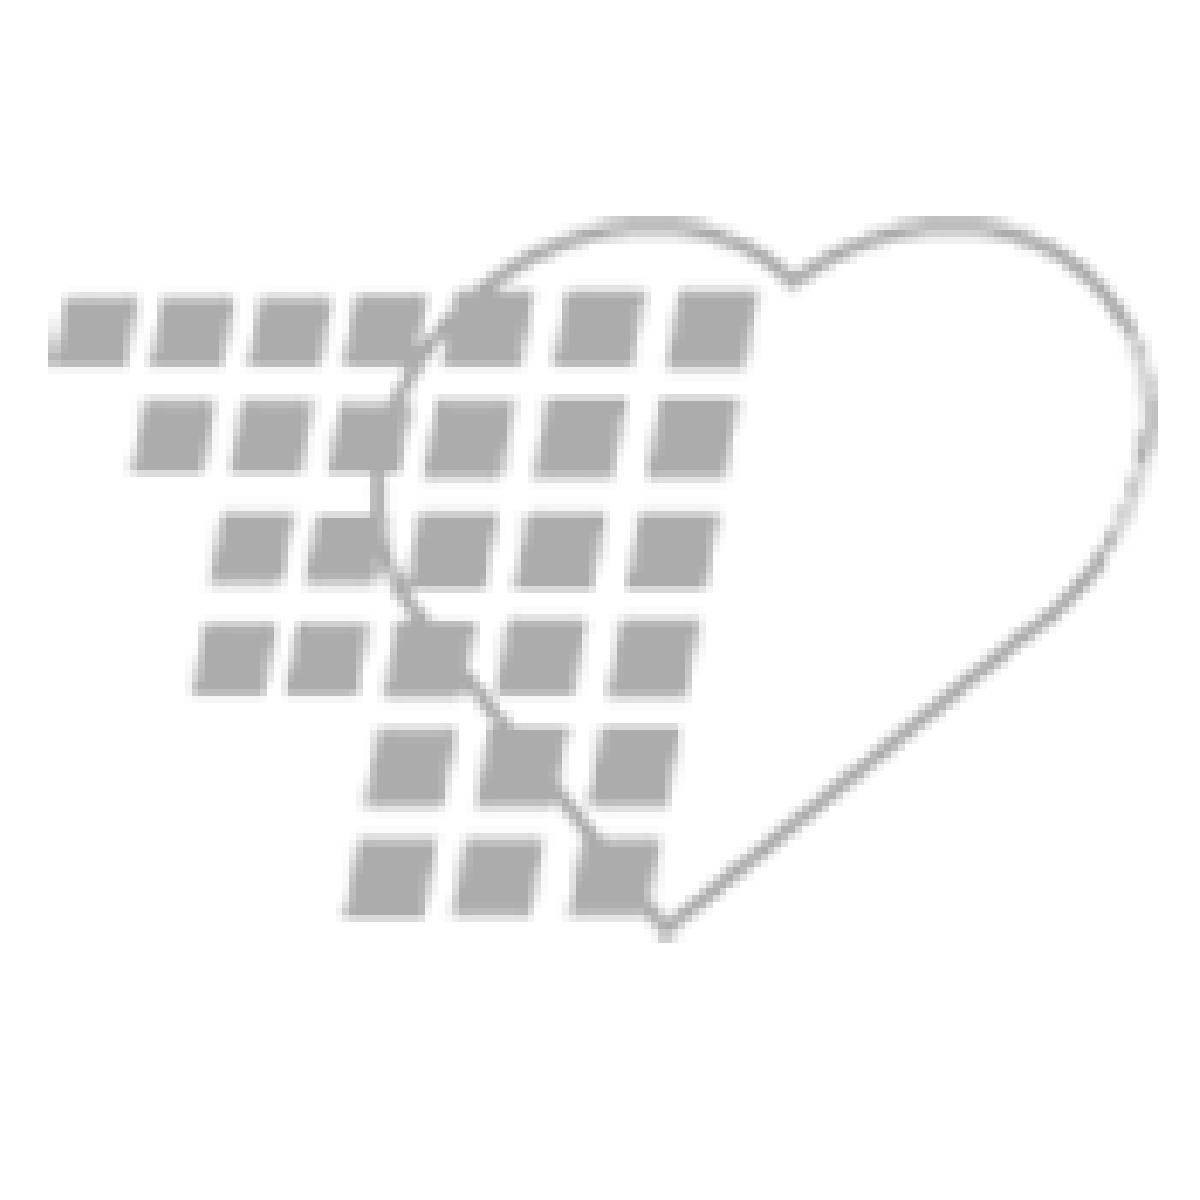 02-36-4234 - Stool Speciman Container